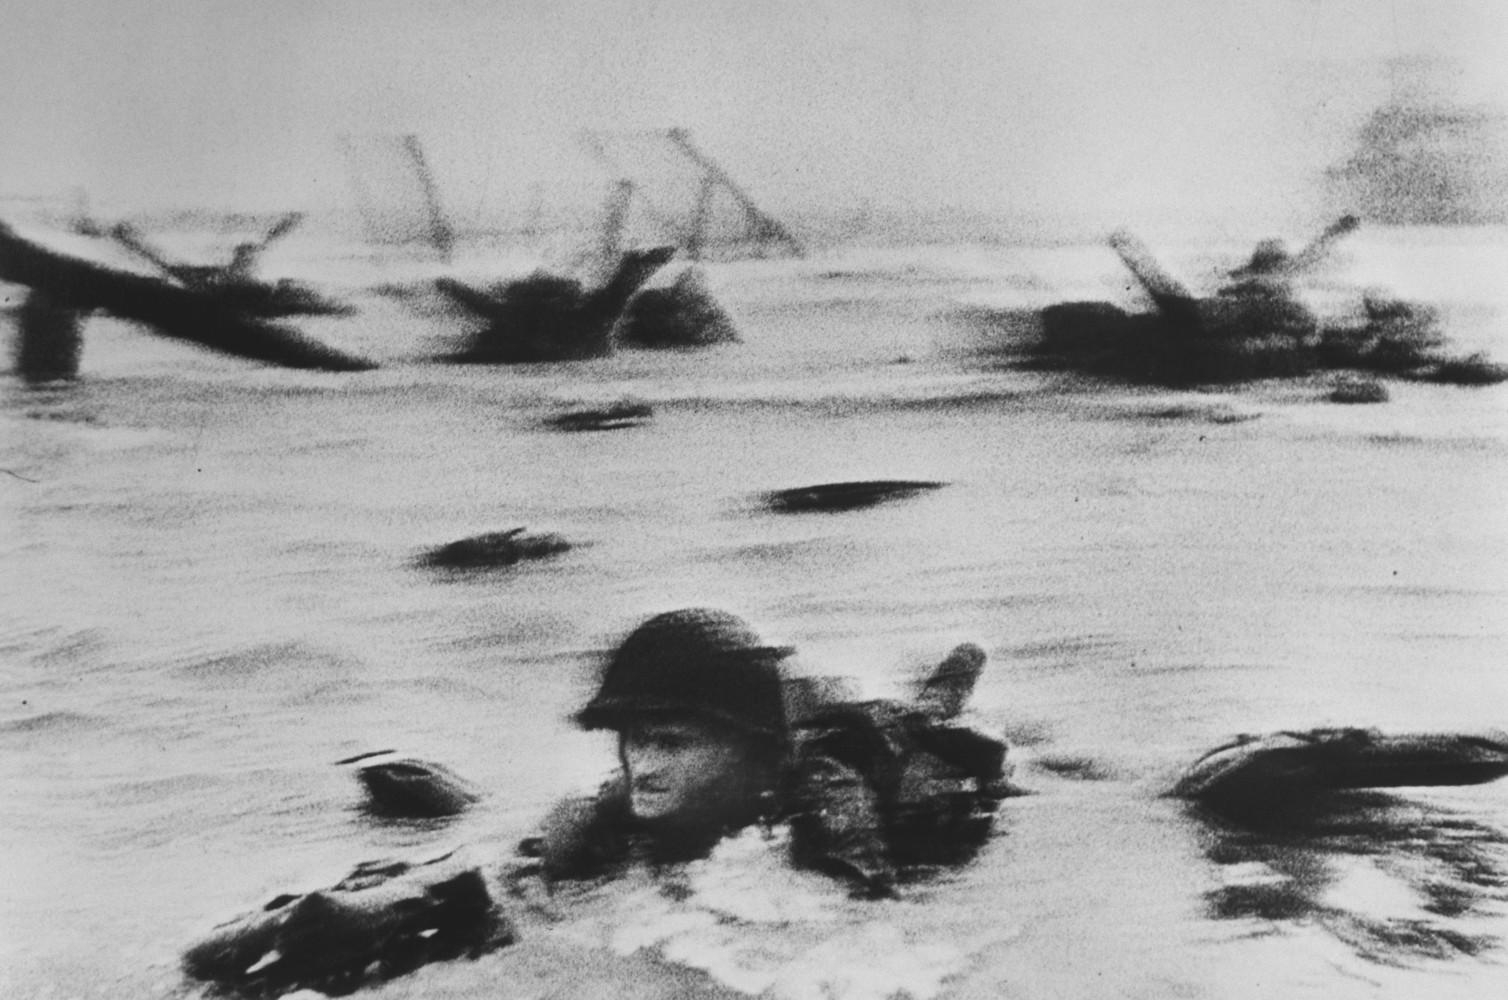 <br />Fotó: Robert Capa: Normandia. D-DAY, 1944. június 6. © Robert Capa © International Center of Photography<br /><br />Egy technikai malőr következtében csak kis töredéke maradt ránk annak az ikonikus fotósorozatnak, ami a normandiai partraszállást dokumentálta. Robert Capát a Life magazin kérte fel, hogy örökítse meg az amerikai hadsereg Európára mért első nagy csapását, ami végül nagy részben befolyásolta a második világháború kimenetelét.